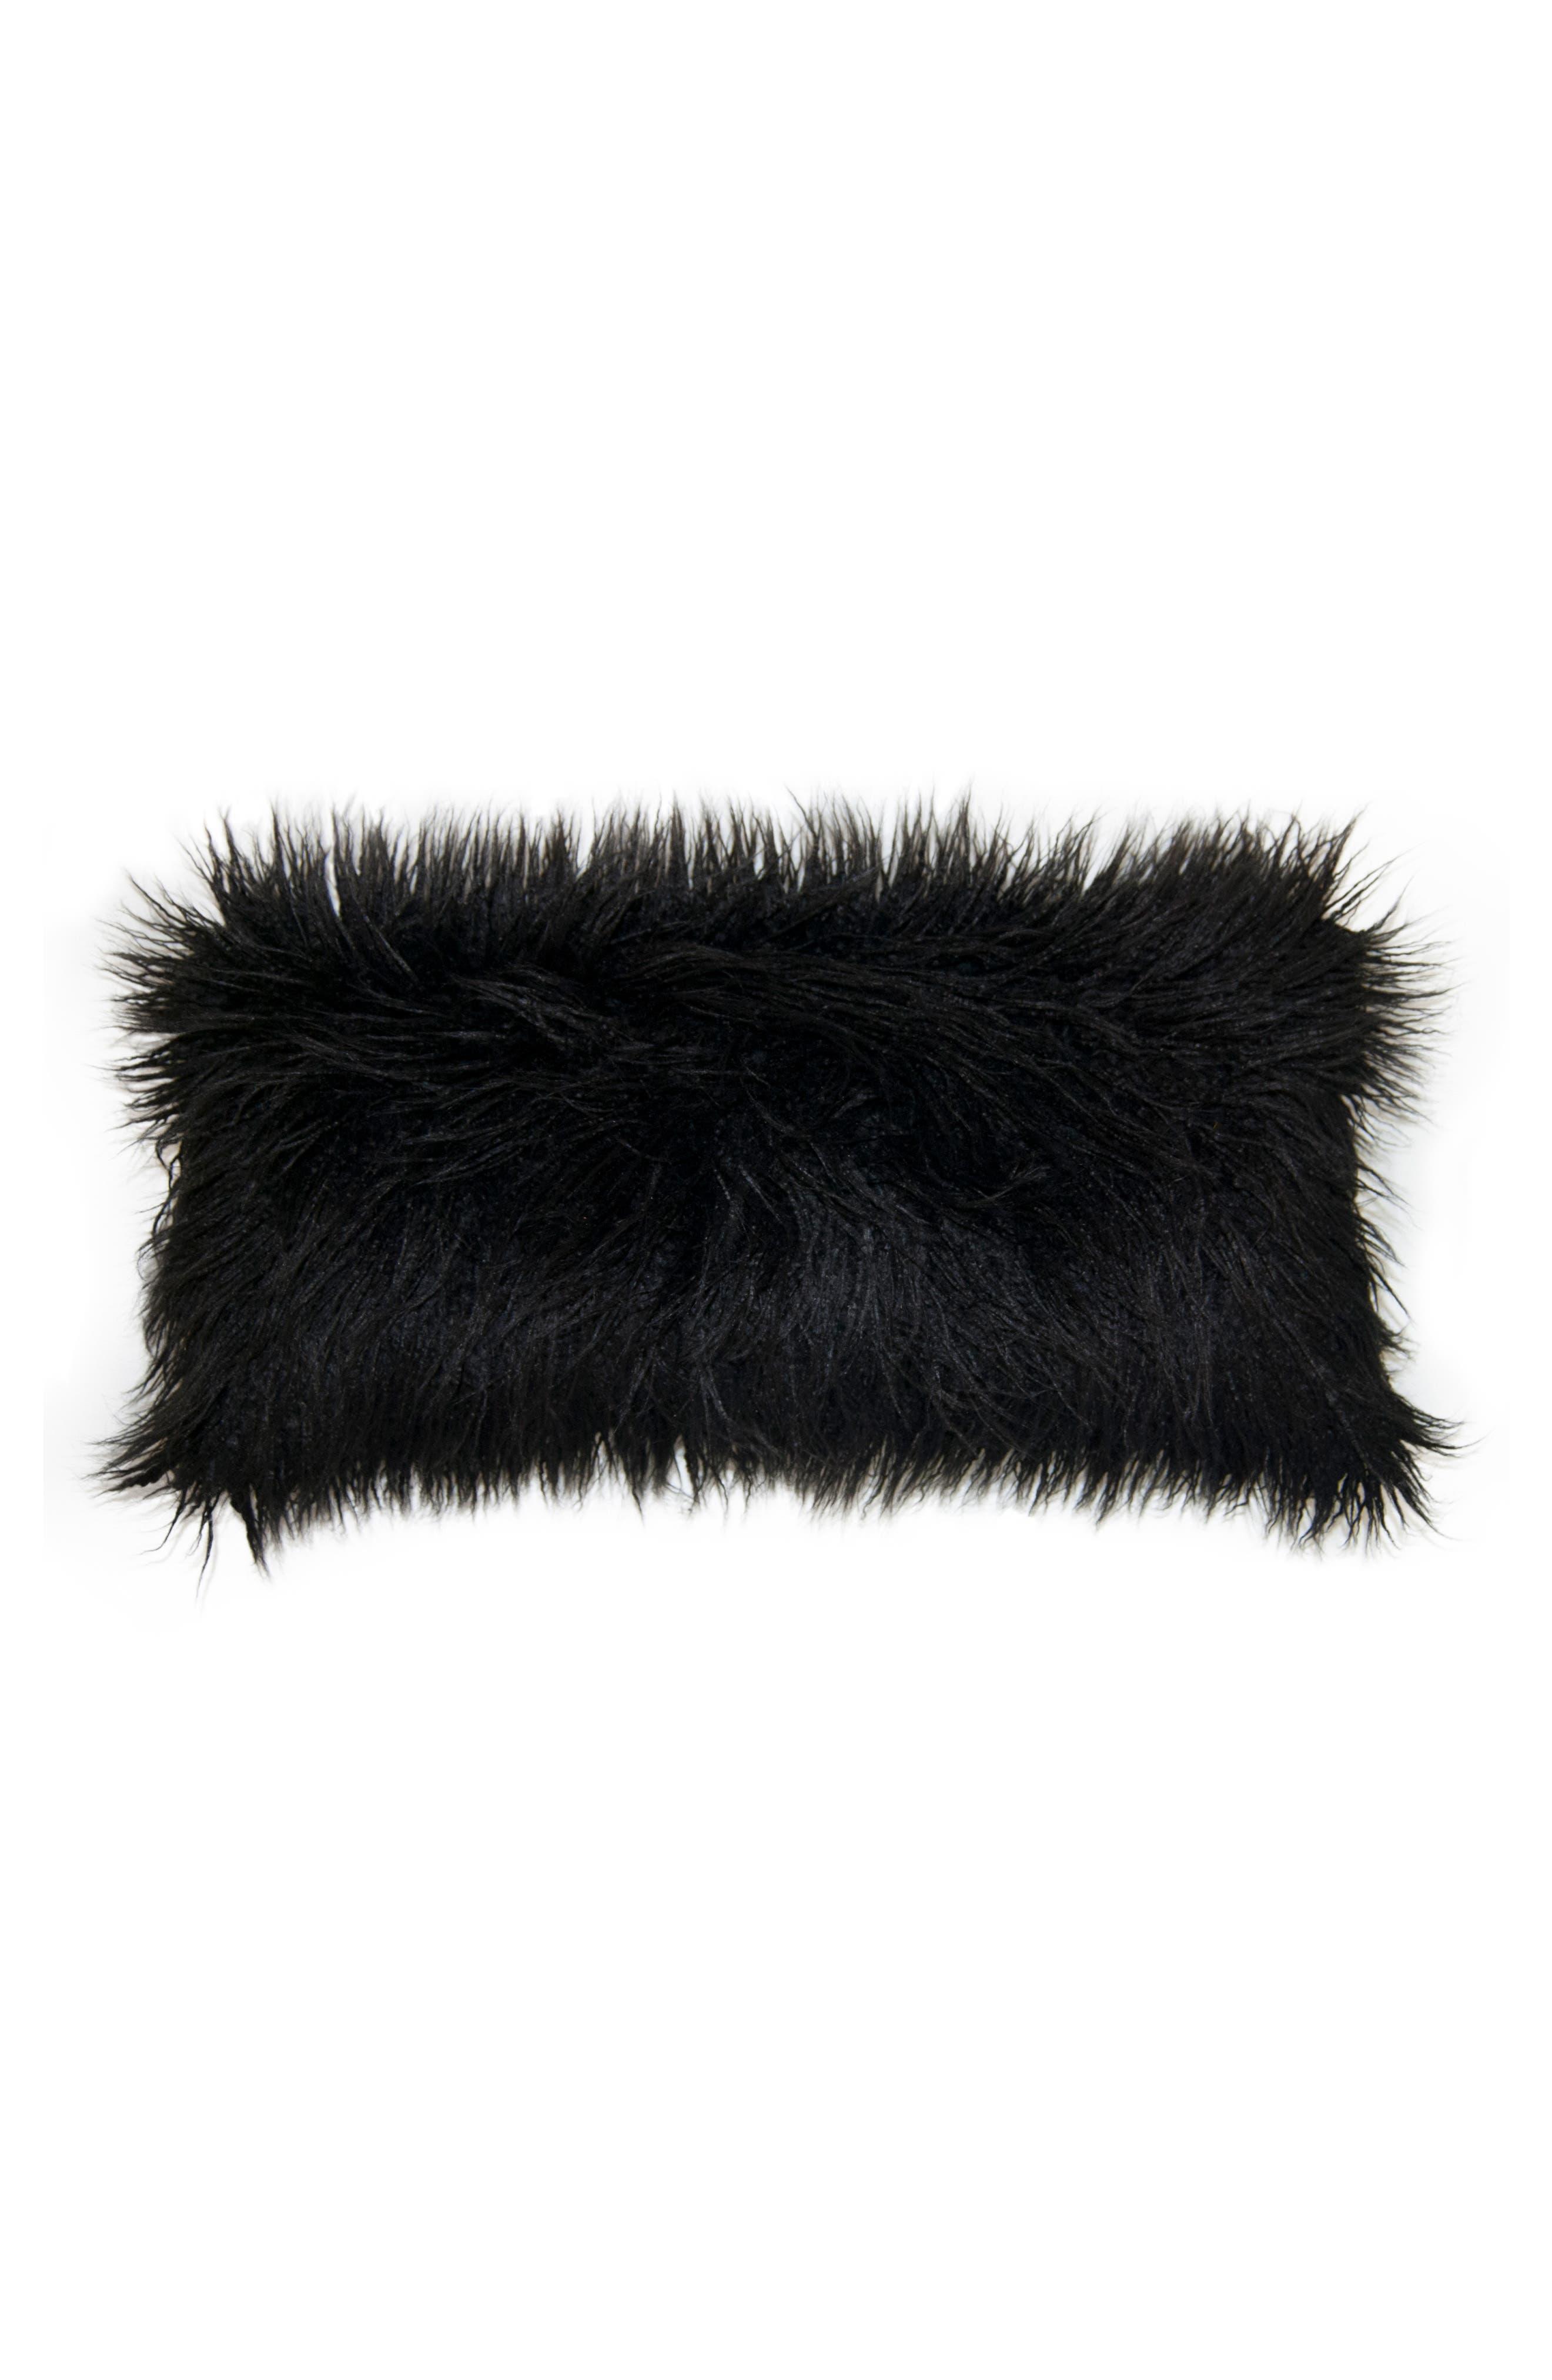 SQUARE FEATHERS Llama Faux Fur Accent Pillow, Main, color, BLACK